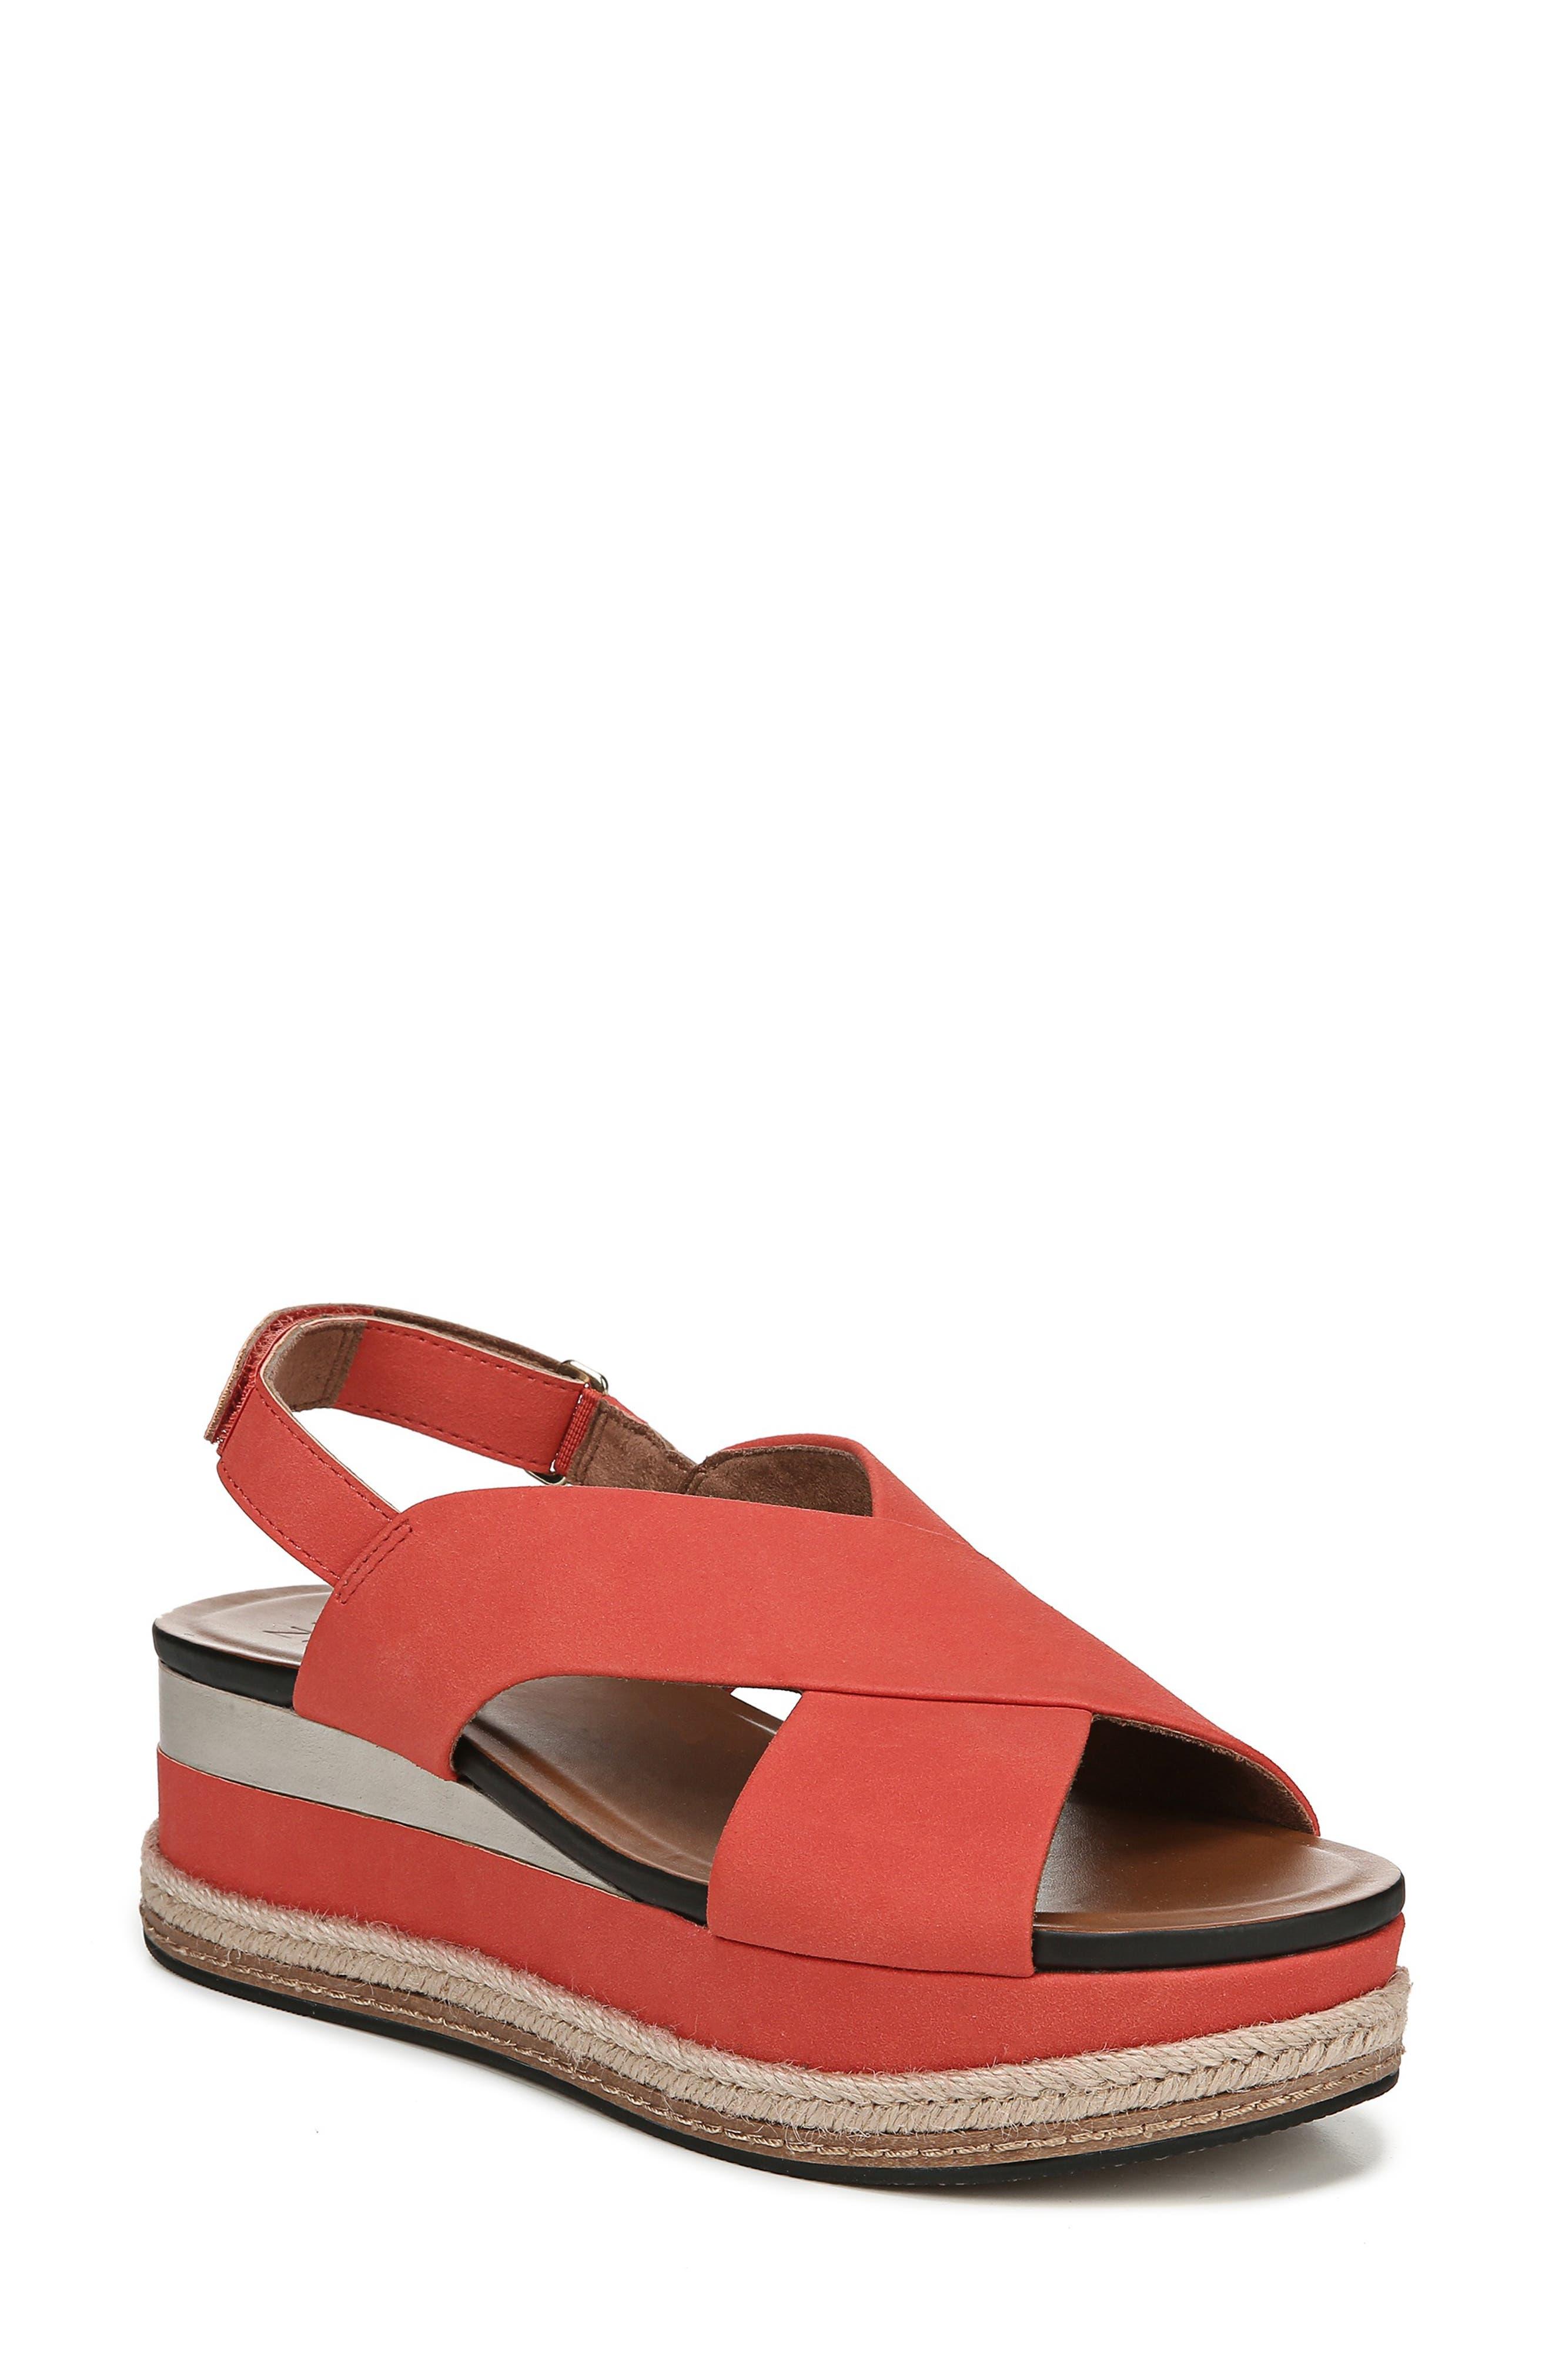 Naturalizer Baya Espadrille Wedge Sandal, Orange